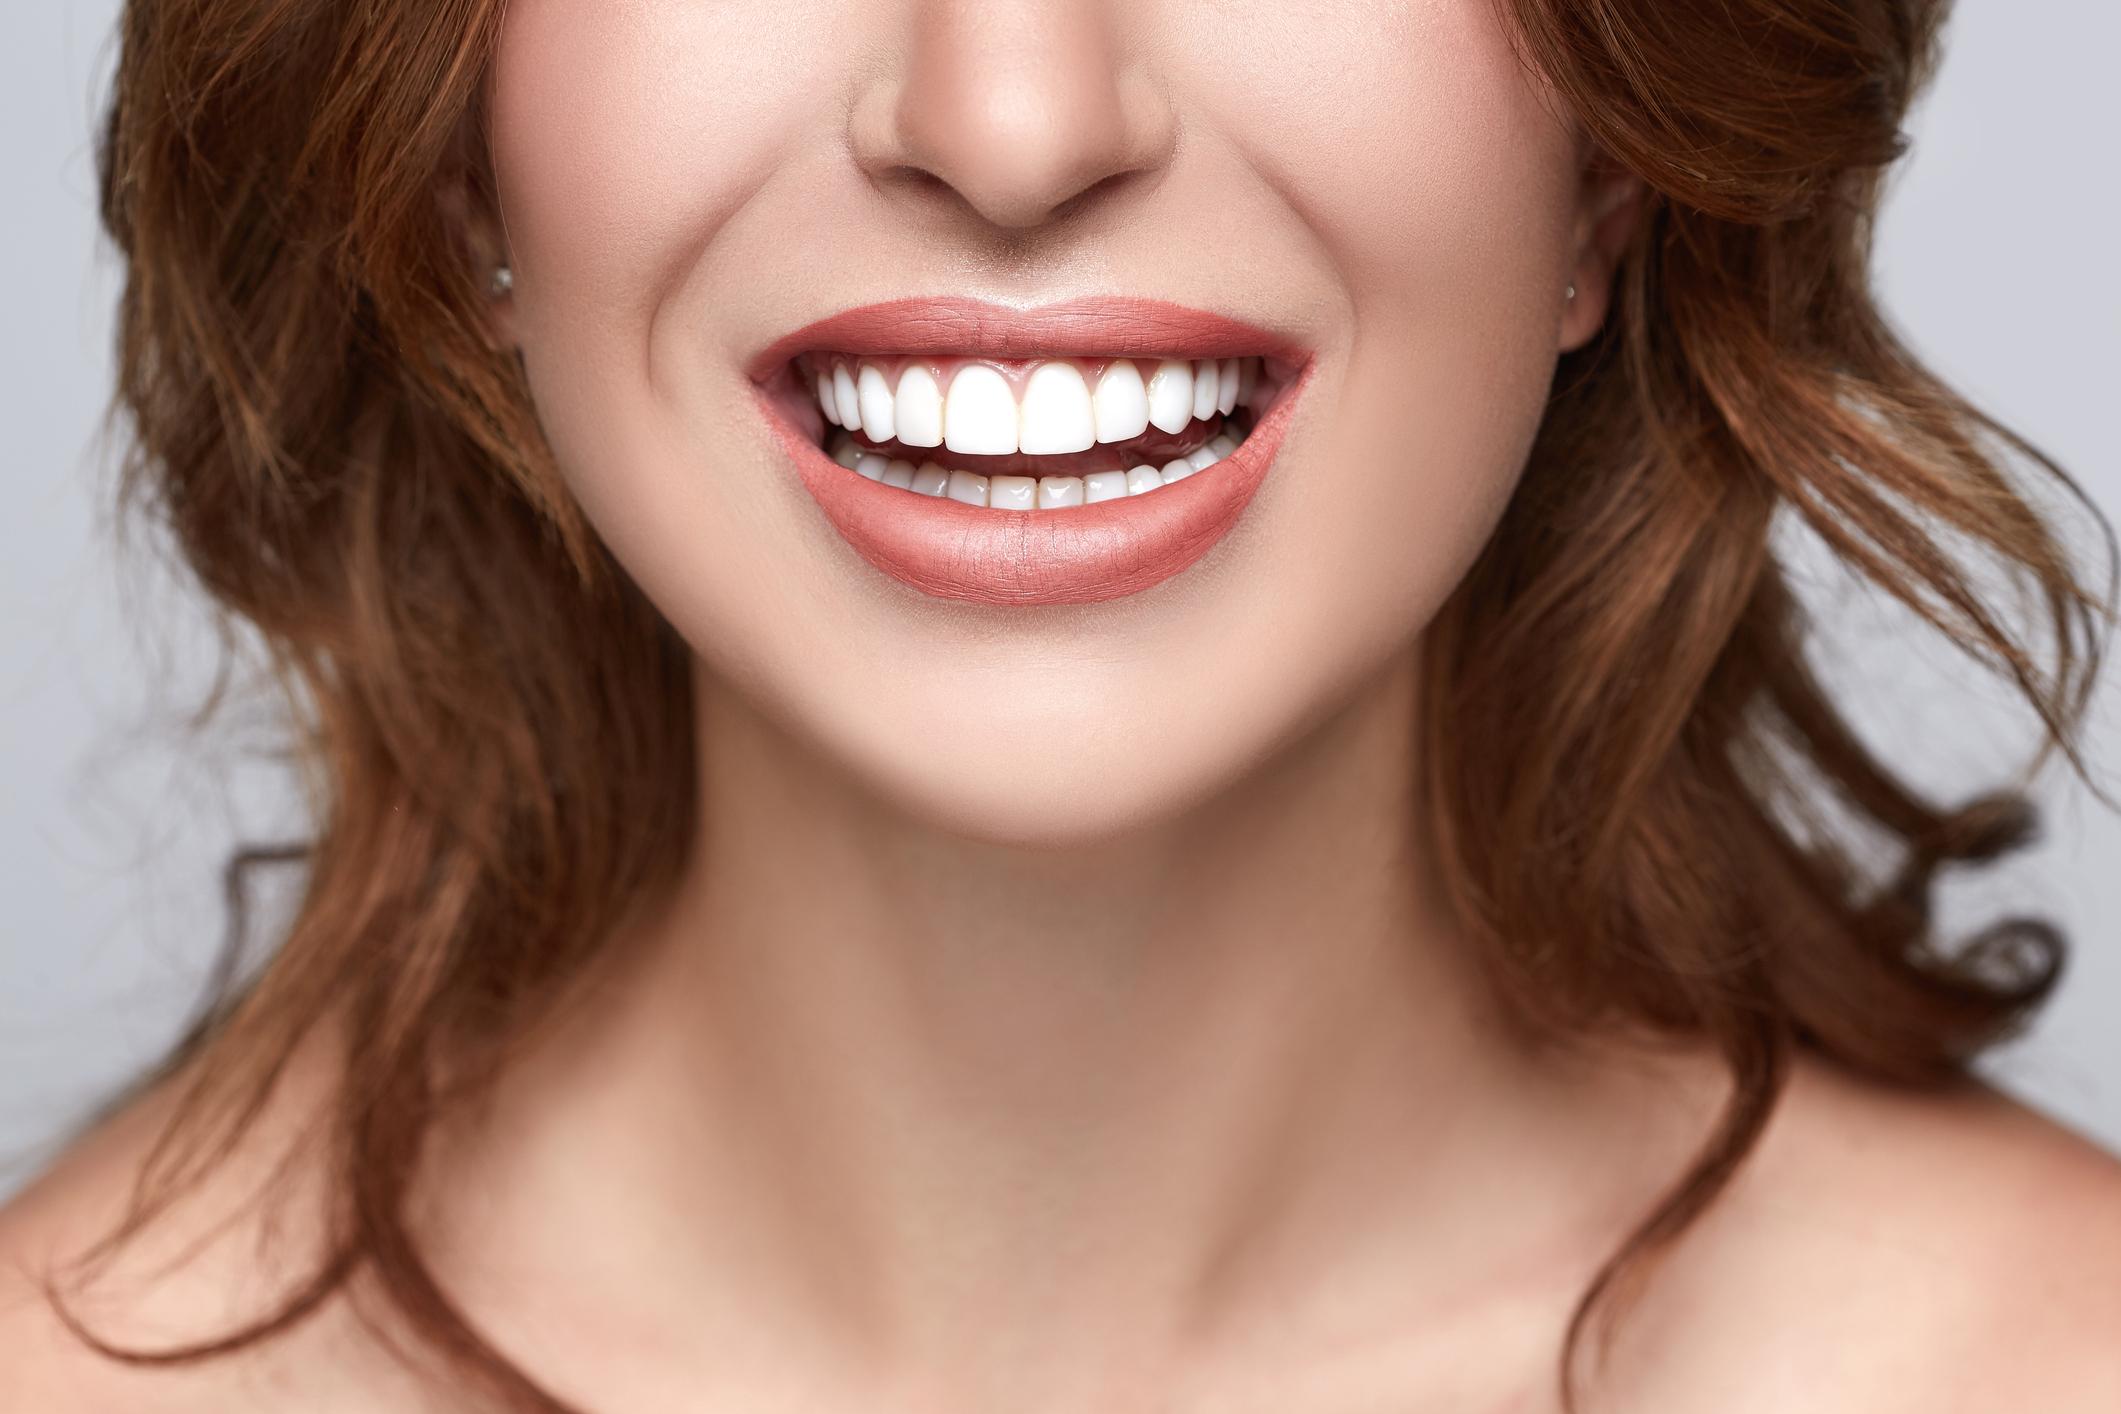 O bruxismo é caracterizado por um ranger excessivo dos dentes, principalmente ao dormir, como um ato involuntário.